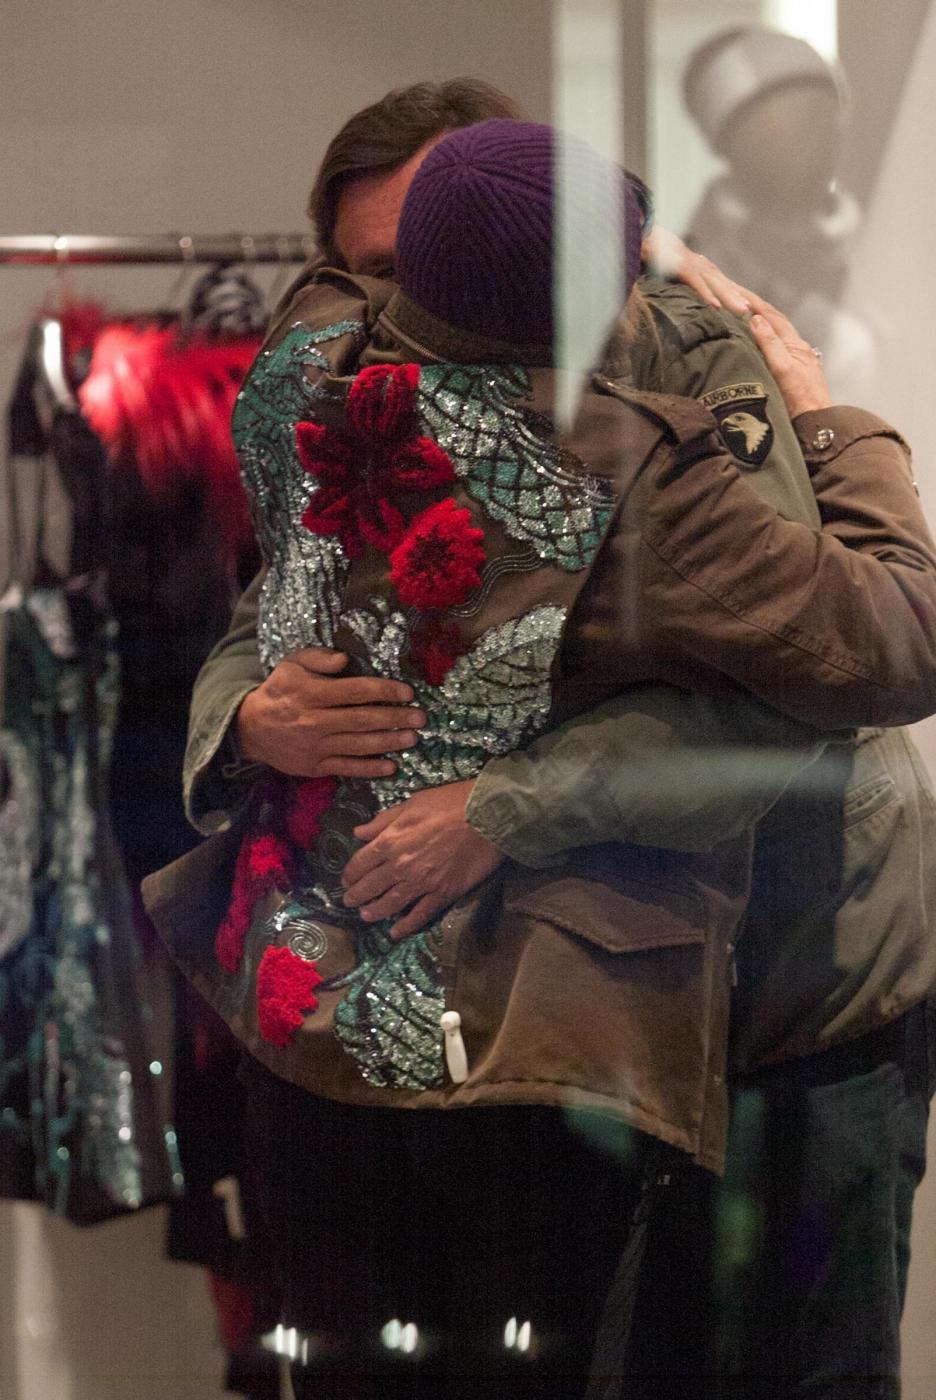 Aldo Montano, Francesco Arca e Mara Venier: shopping da Richmond9